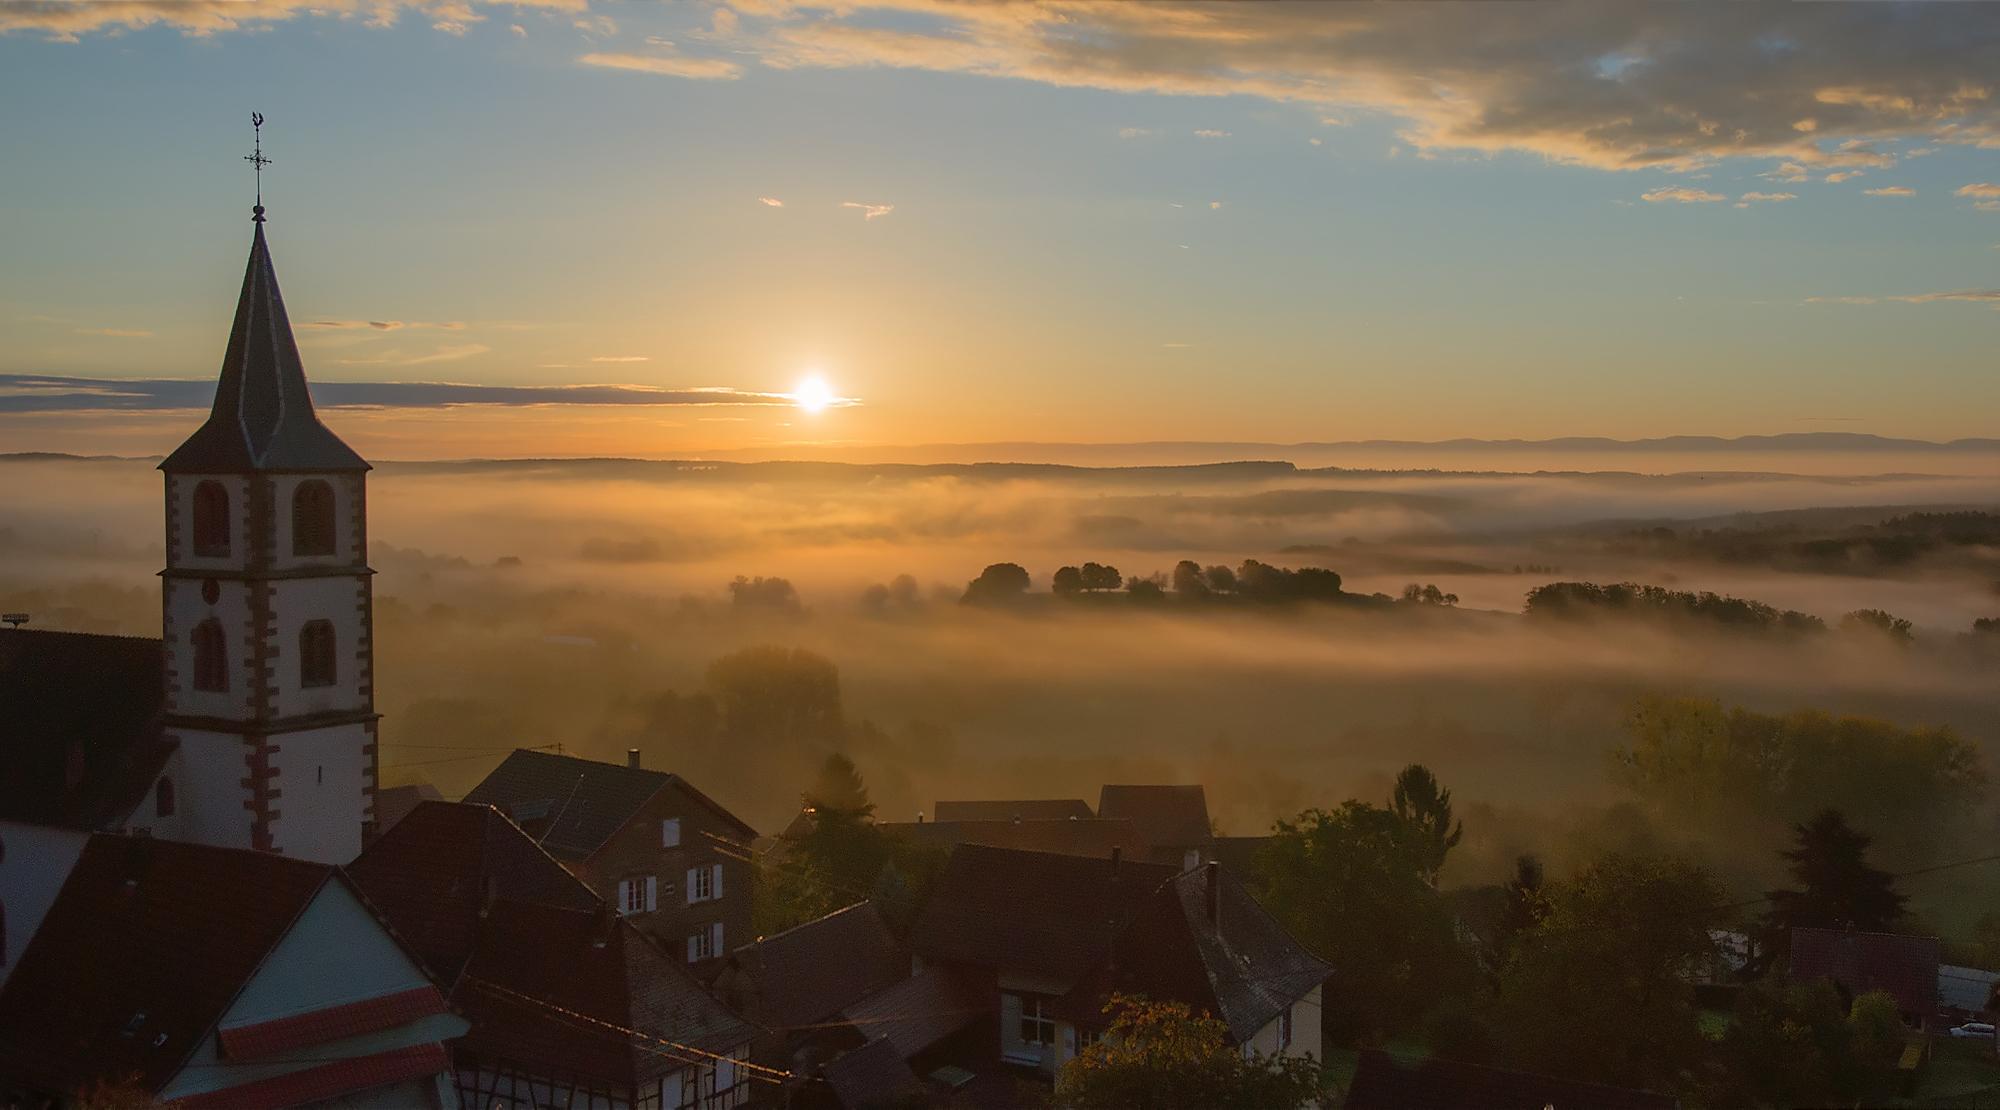 Vue du levé de soleil à Oberbronn